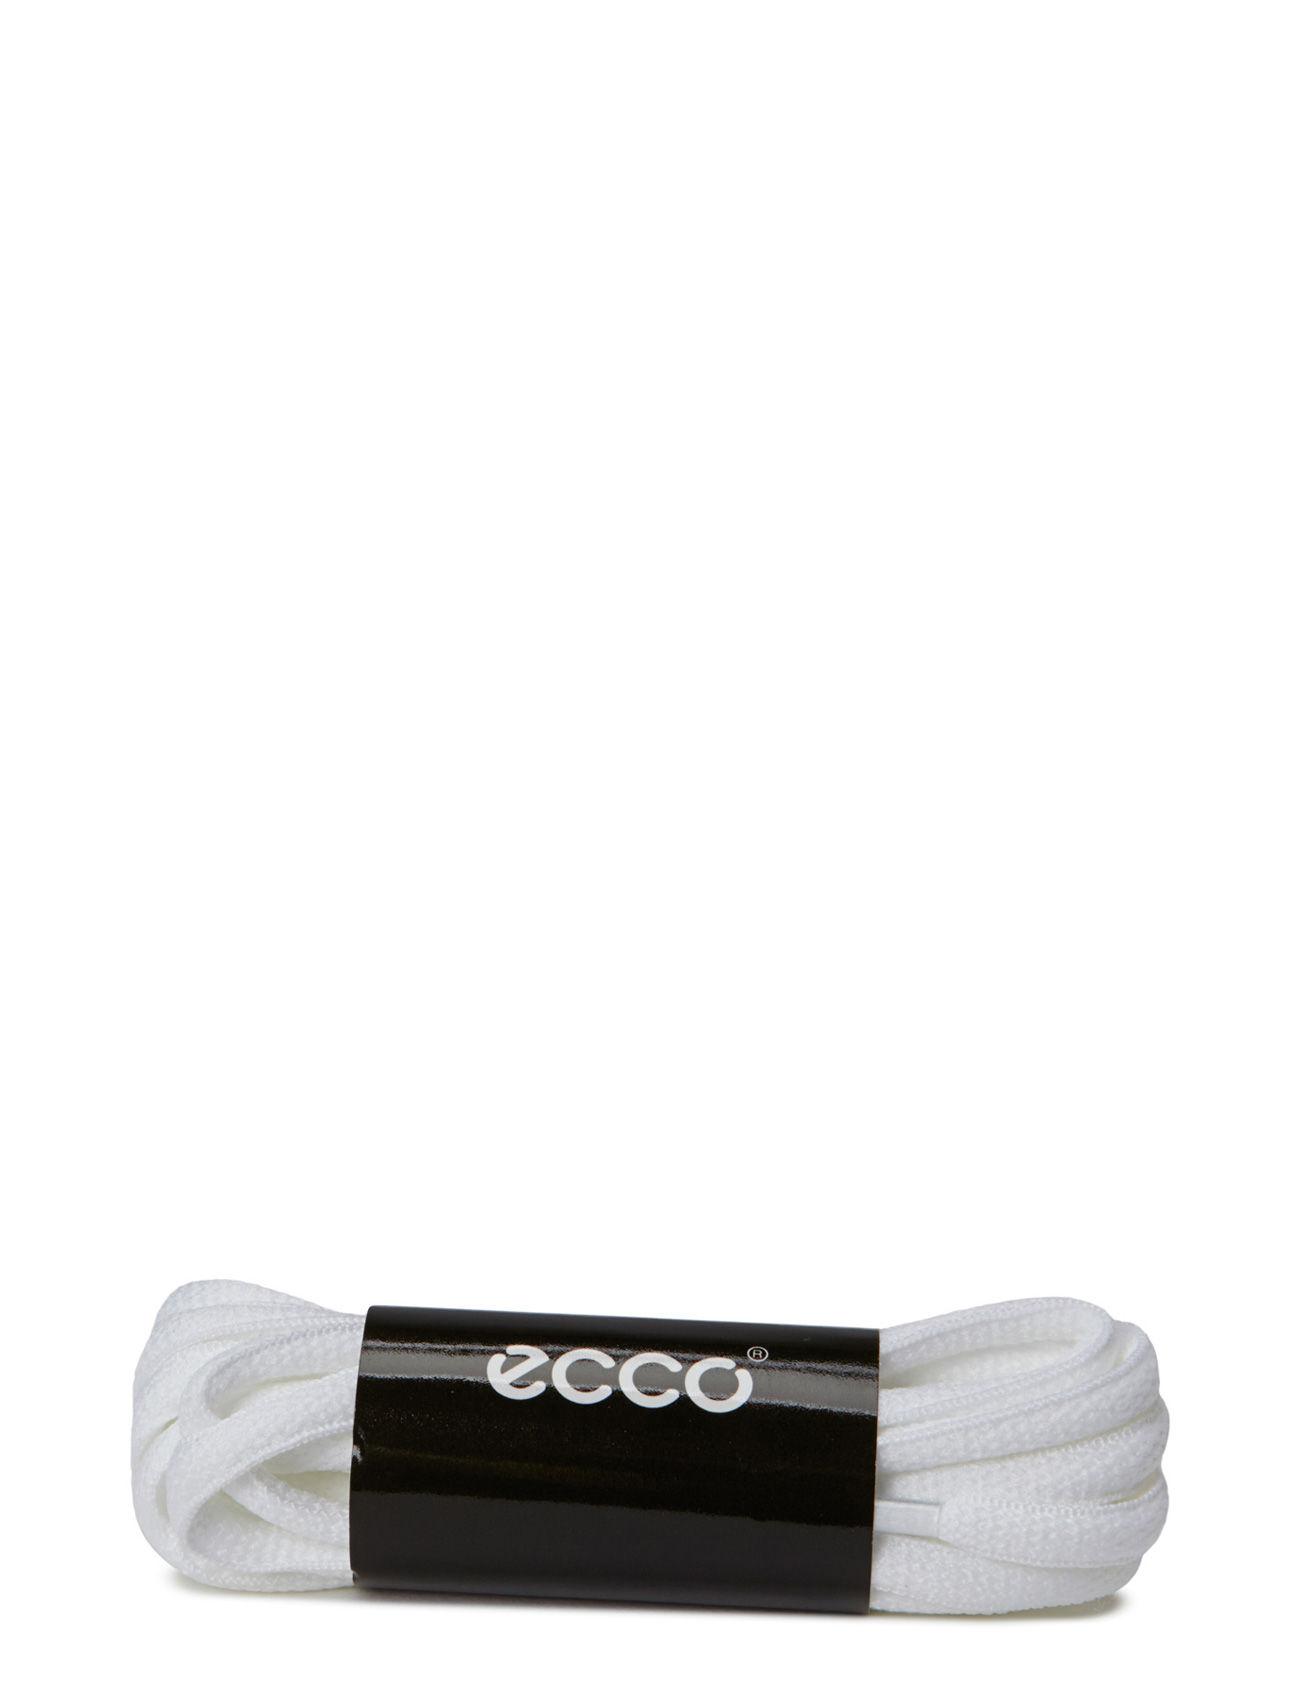 Laces ECCO Sko accessories til Mænd i Kaffe